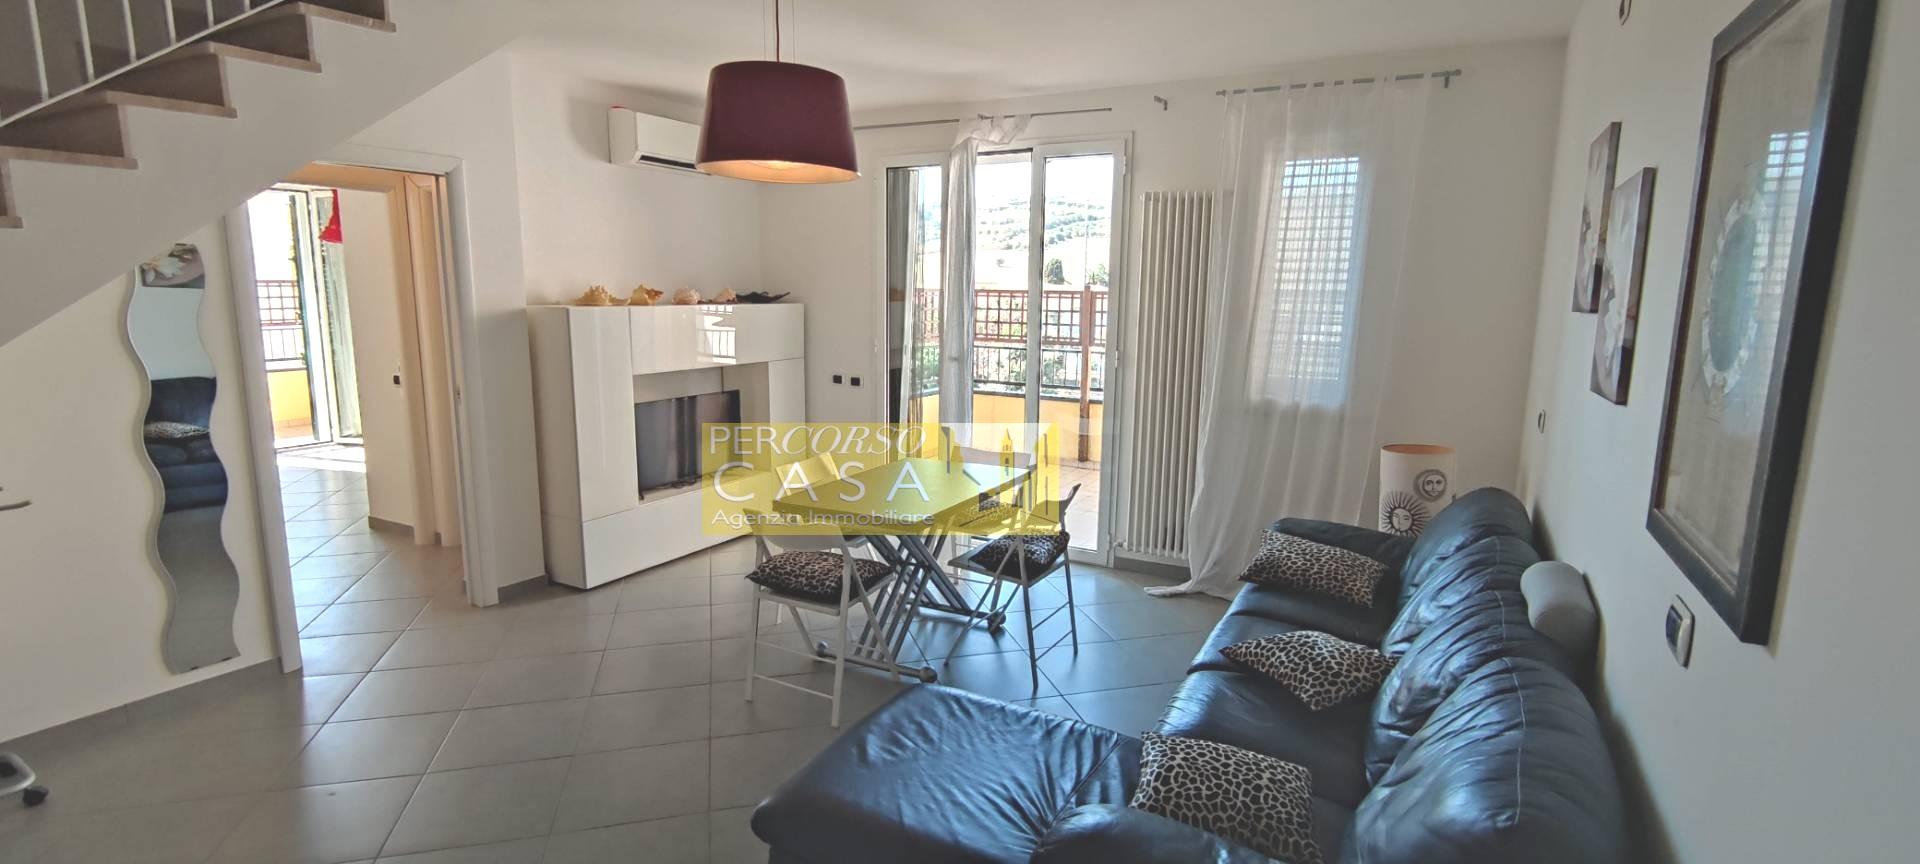 Appartamento in vendita a Giulianova, 5 locali, prezzo € 215.000 | PortaleAgenzieImmobiliari.it